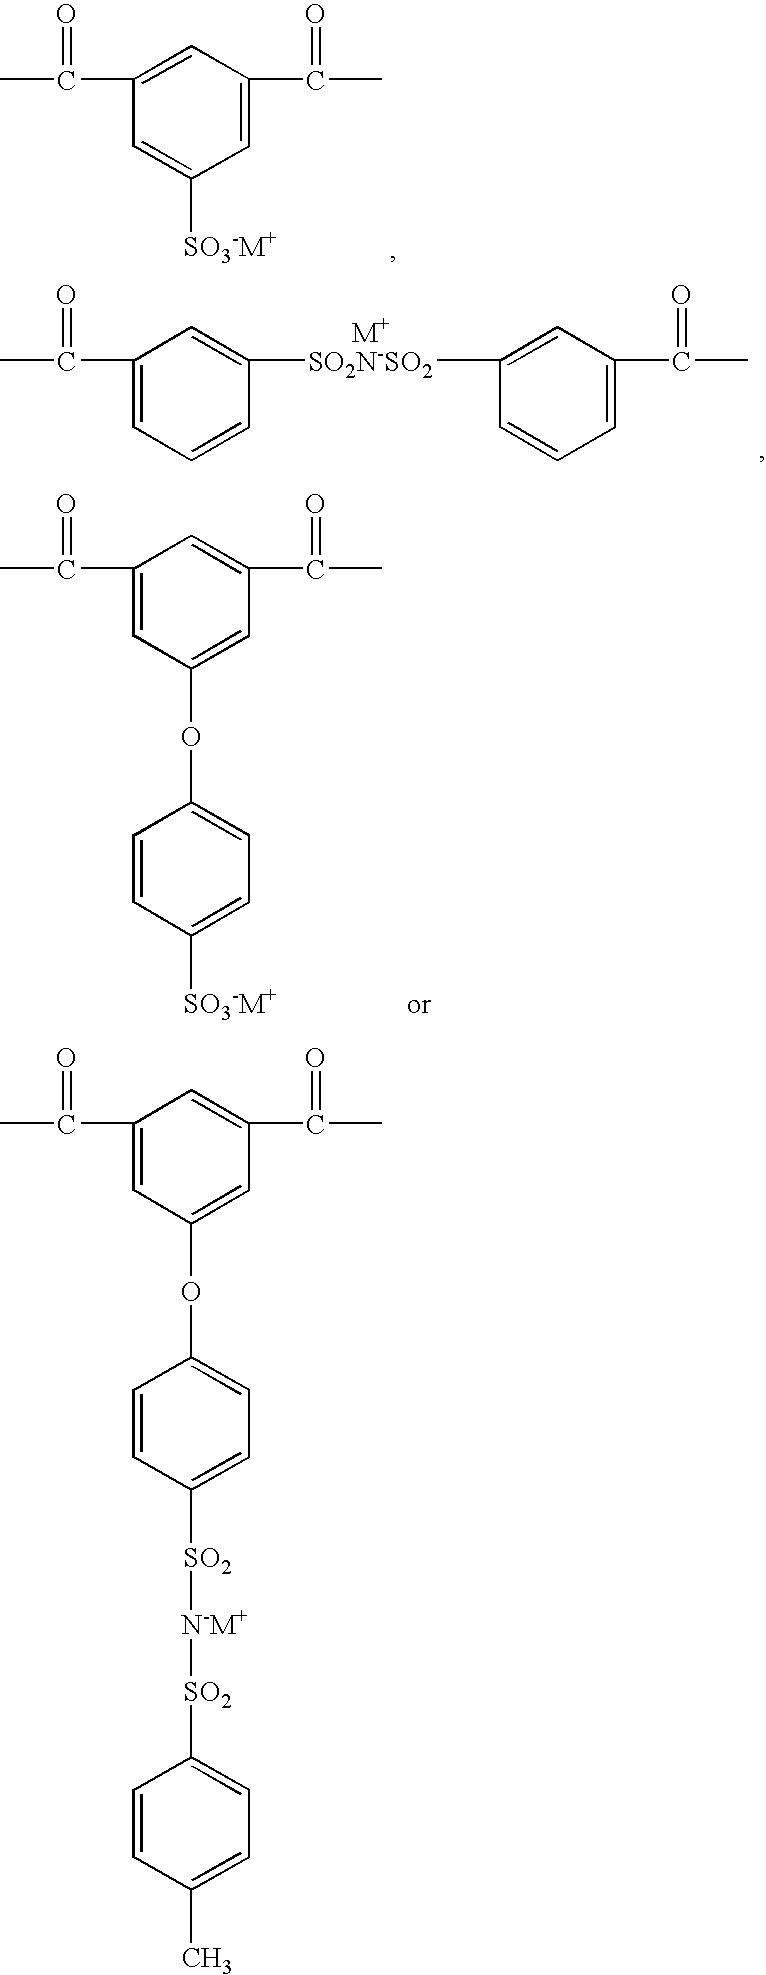 Figure US20040110865A1-20040610-C00002